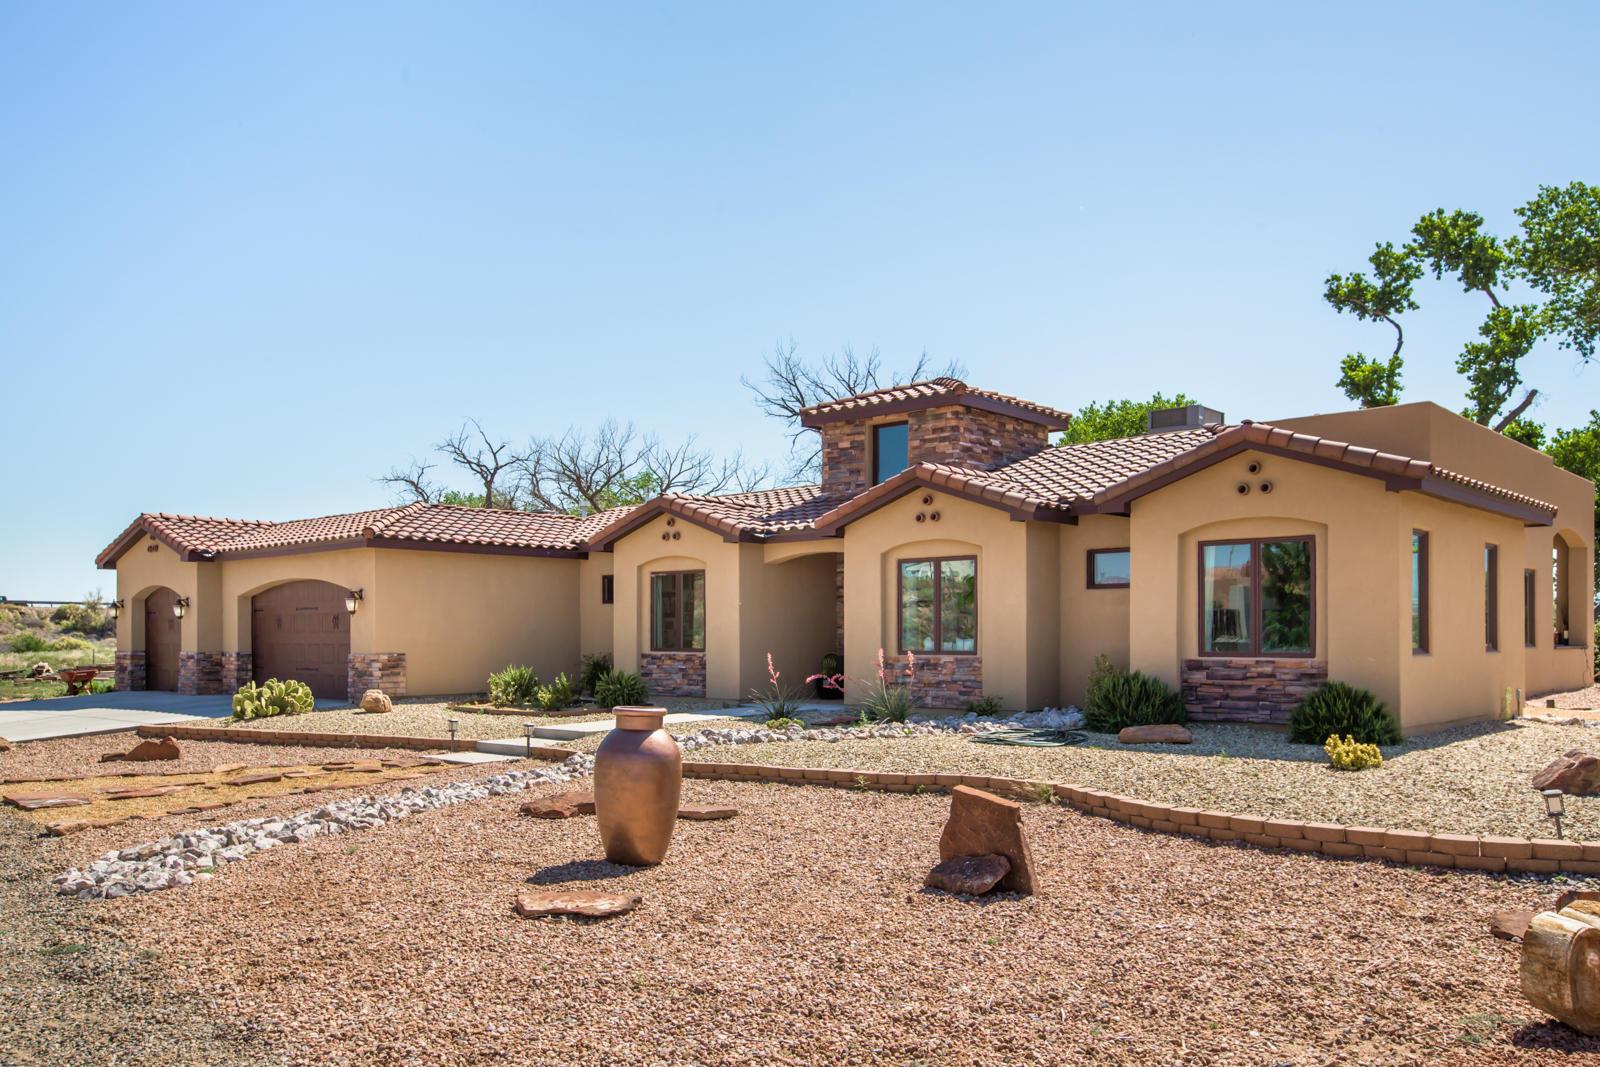 Albuquerque New Mexico Home Listings - Sandi Pressley Real Estate